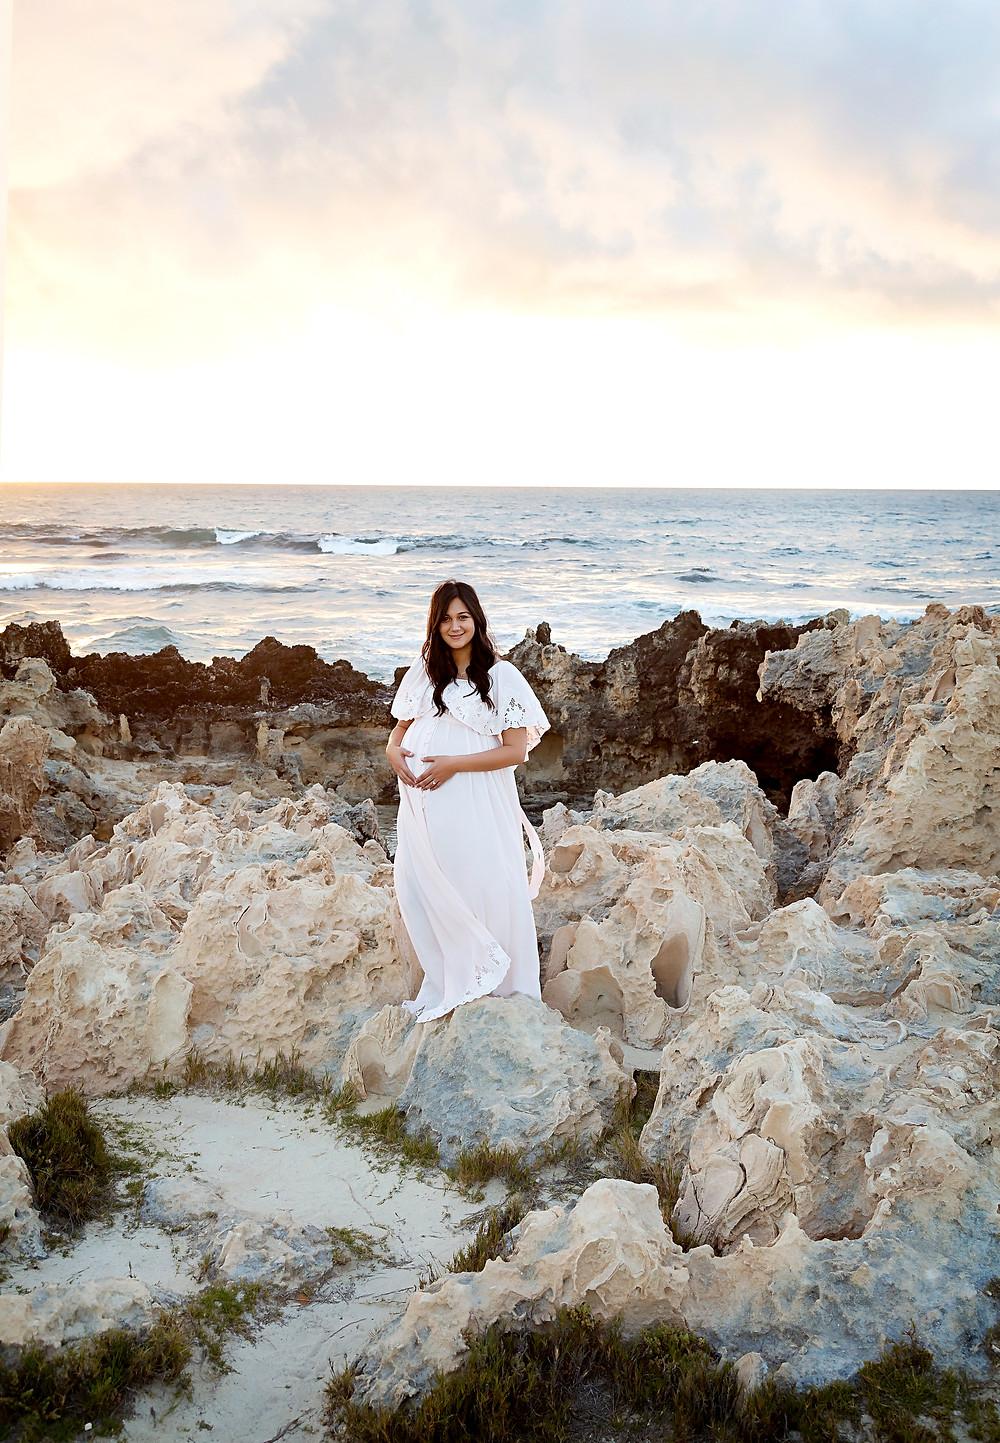 Maternity photo beach glowing